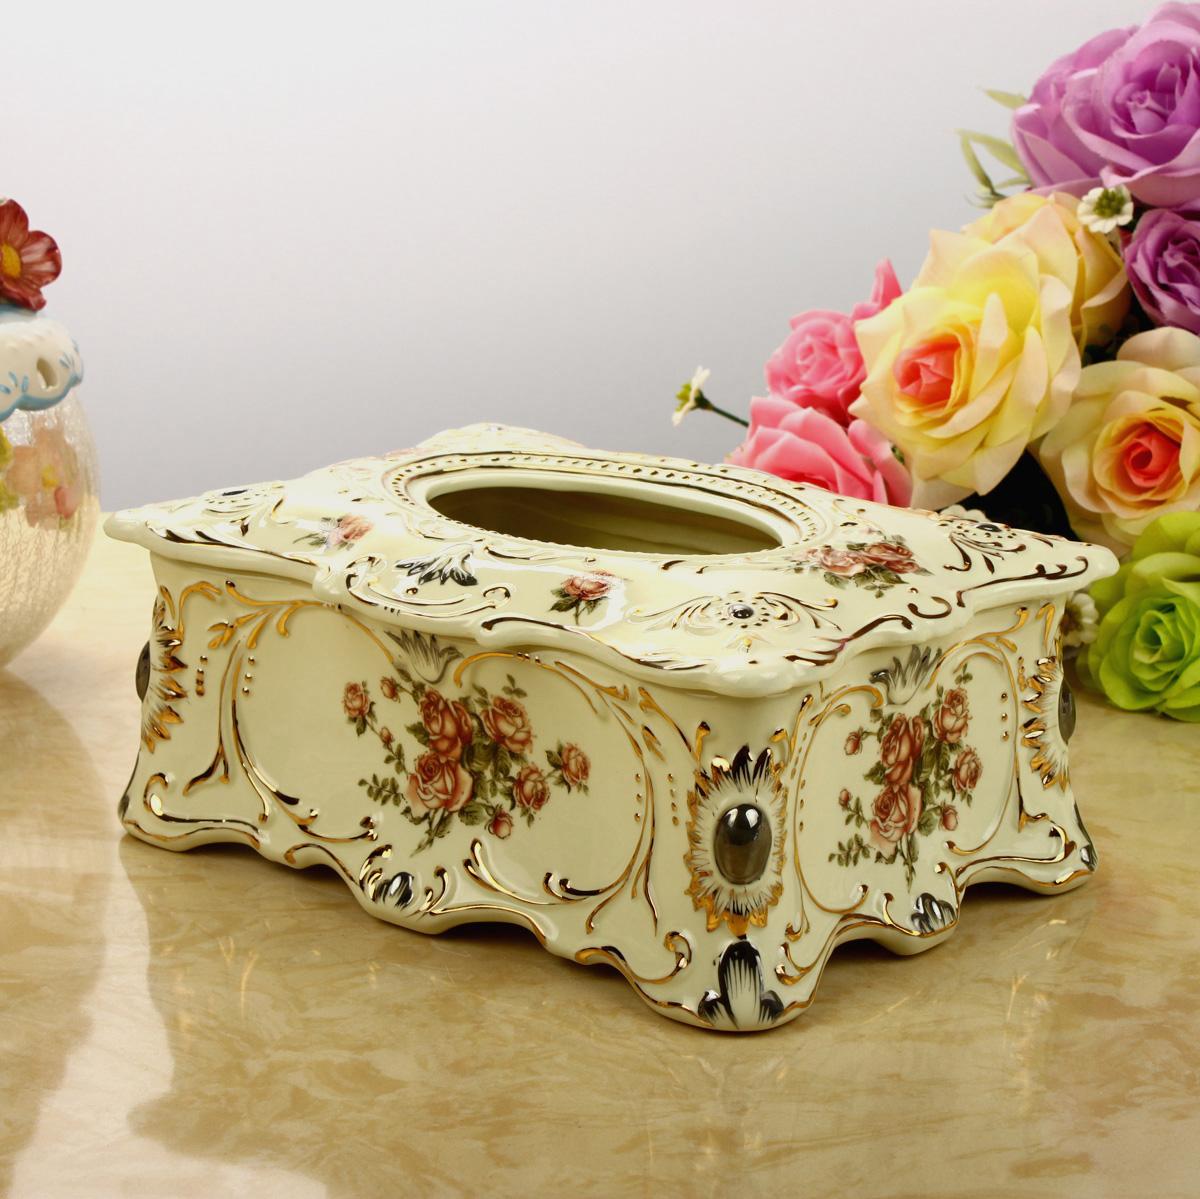 Série de porcelana Moda marfim caixa de tecido de cerâmica caixa de papel de bombeamento acessórios para casa nova decoração da casa(China (Mainland))